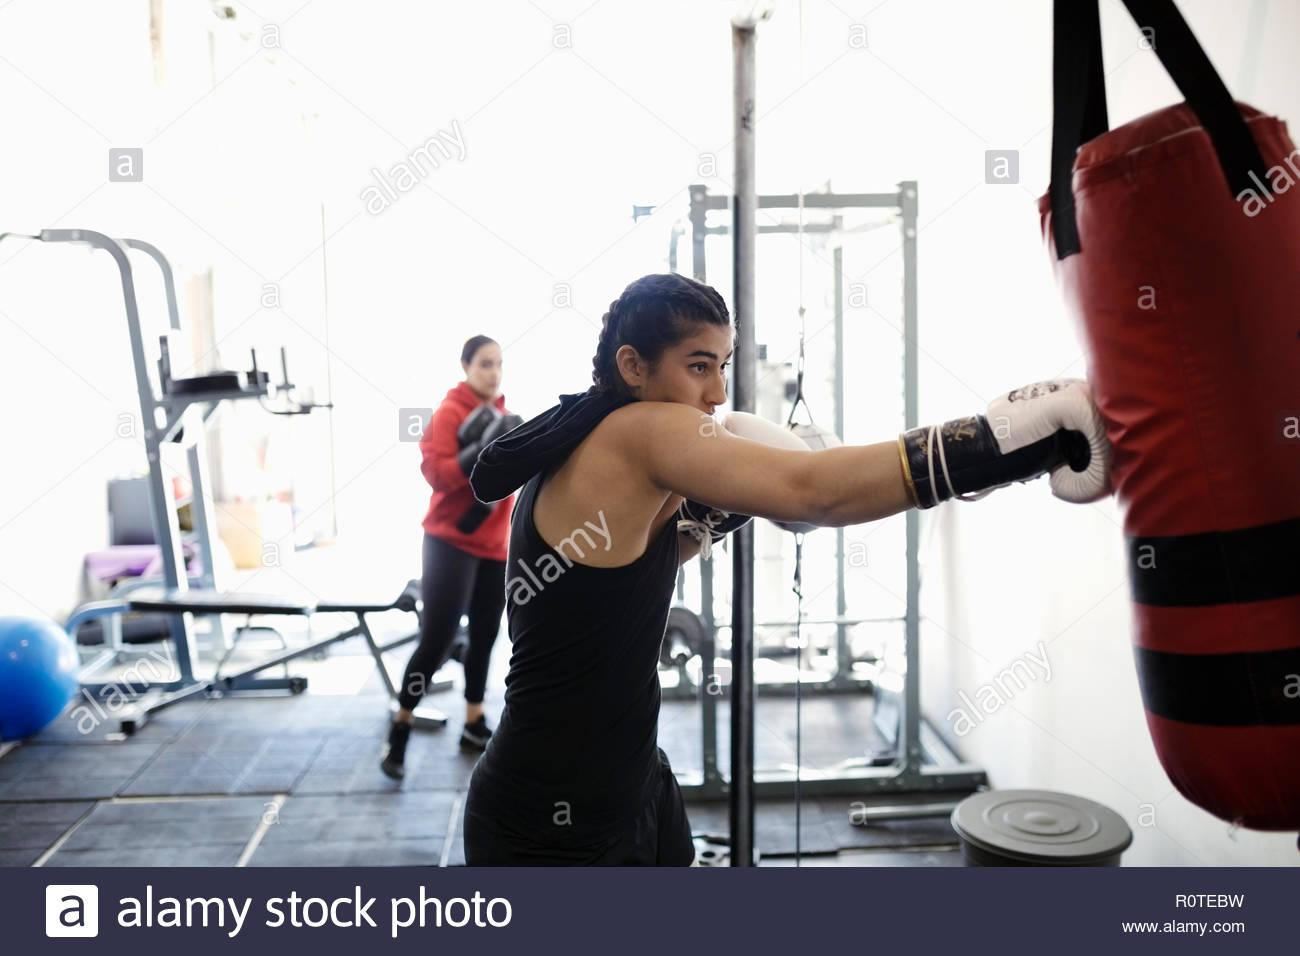 Tough female boxer training at punching bag in gym - Stock Image